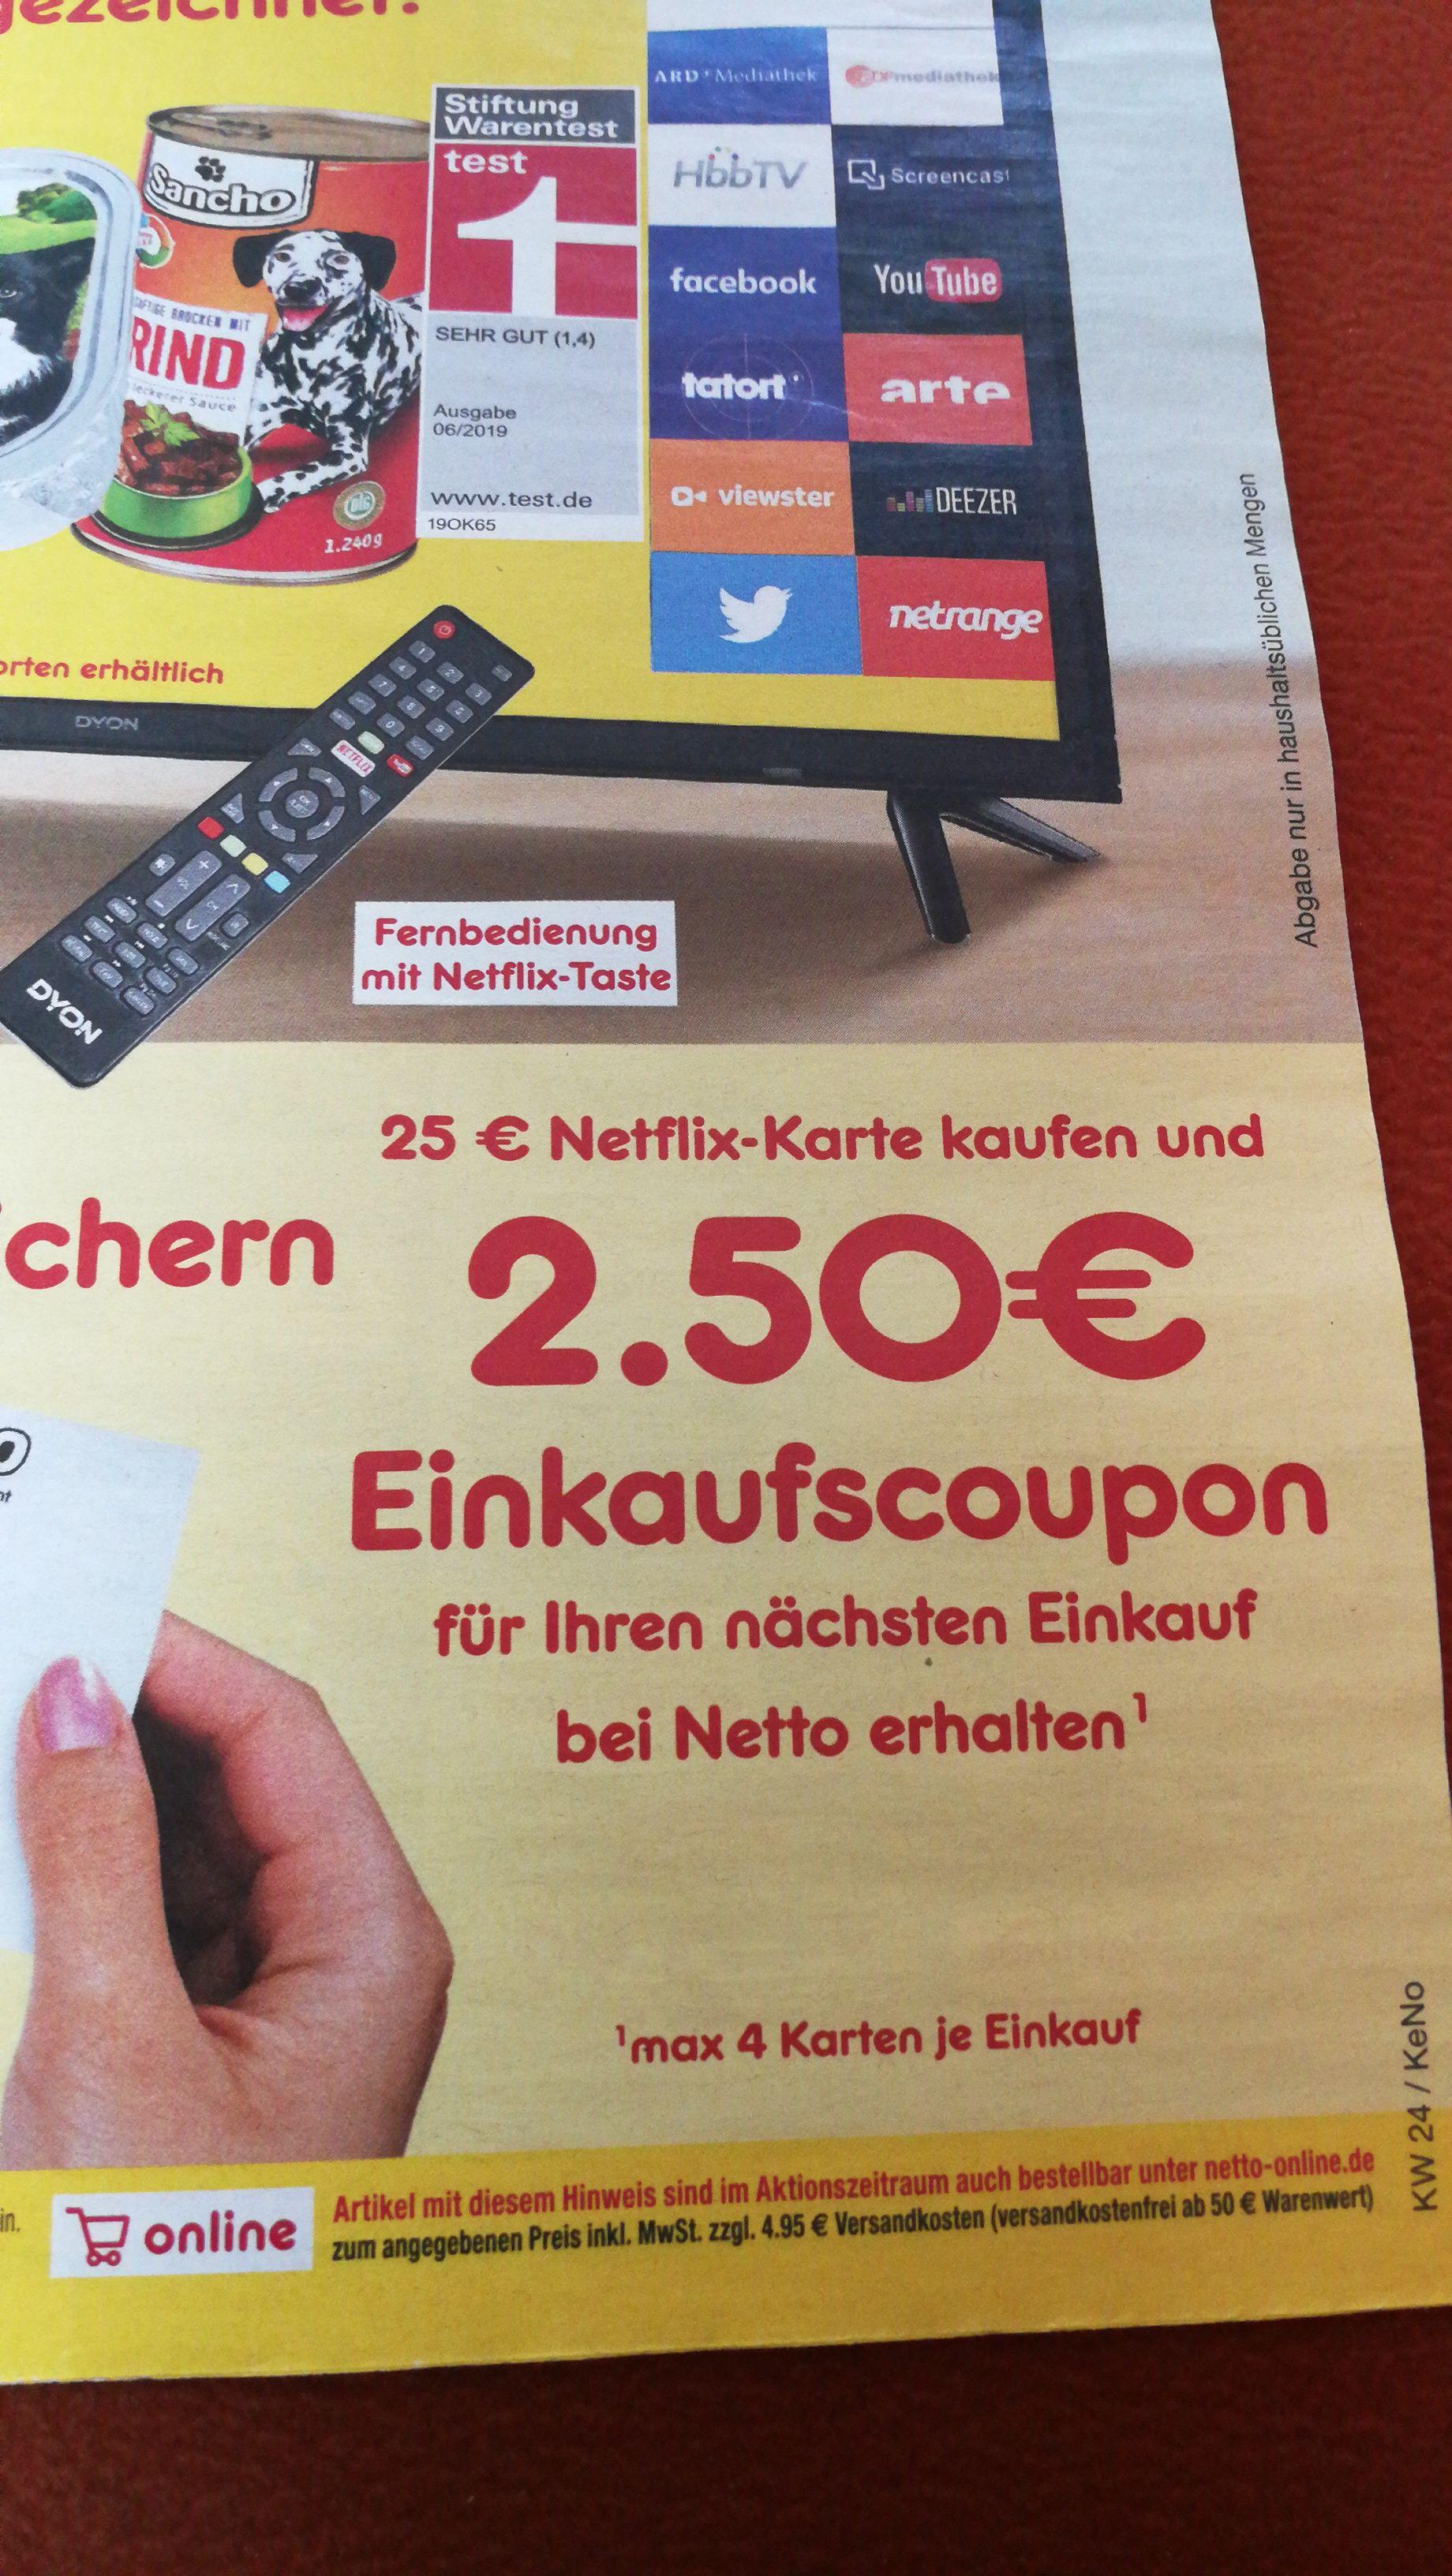 Netflix-Guthaben 25€ +2,50€ Einkaufsgutschein im Netto MD